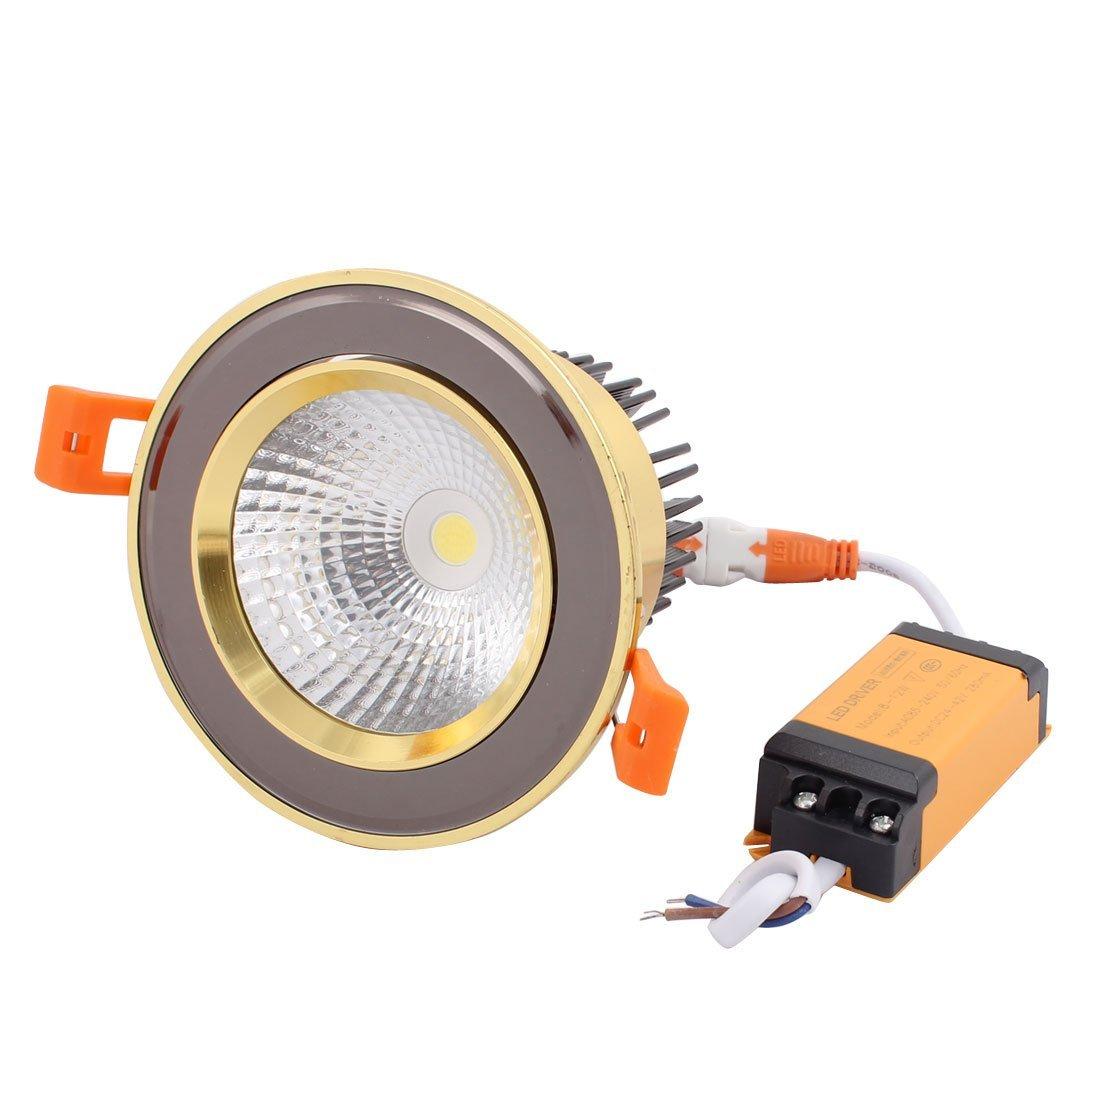 uxcell AC85-240V 12W 6000K 36 Degree LED Downlight Spotlight Recessed Lighting Fixture